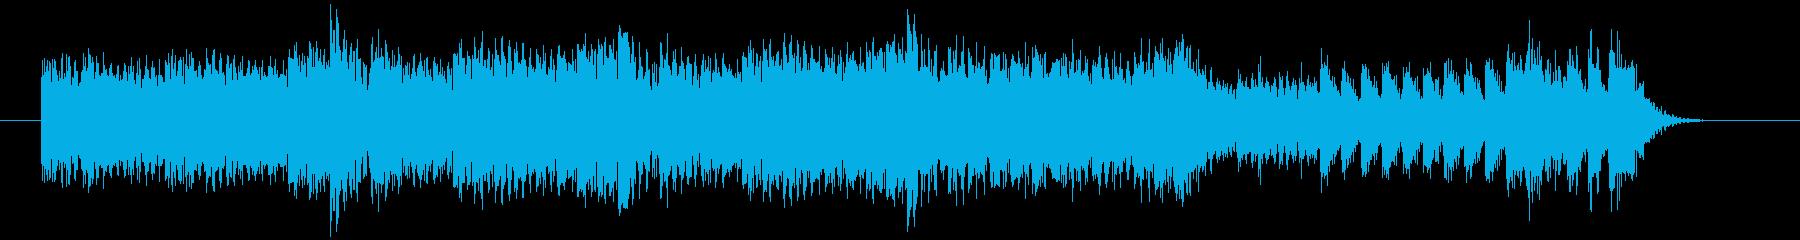 強い風をイメージした速いピアノジングルの再生済みの波形